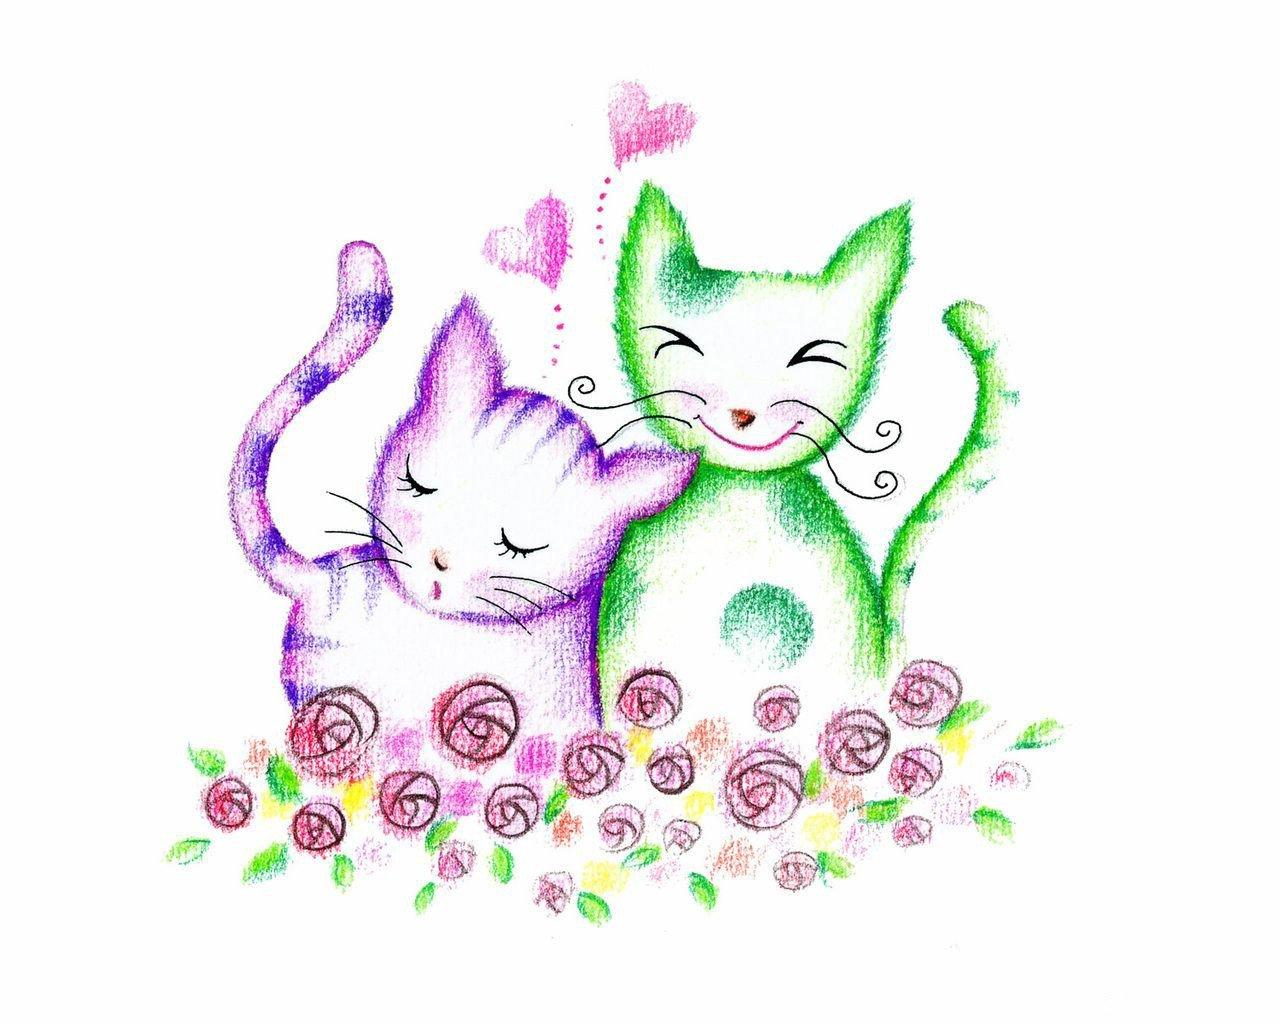 любимых мною картинки котик для тема торшеры небольших